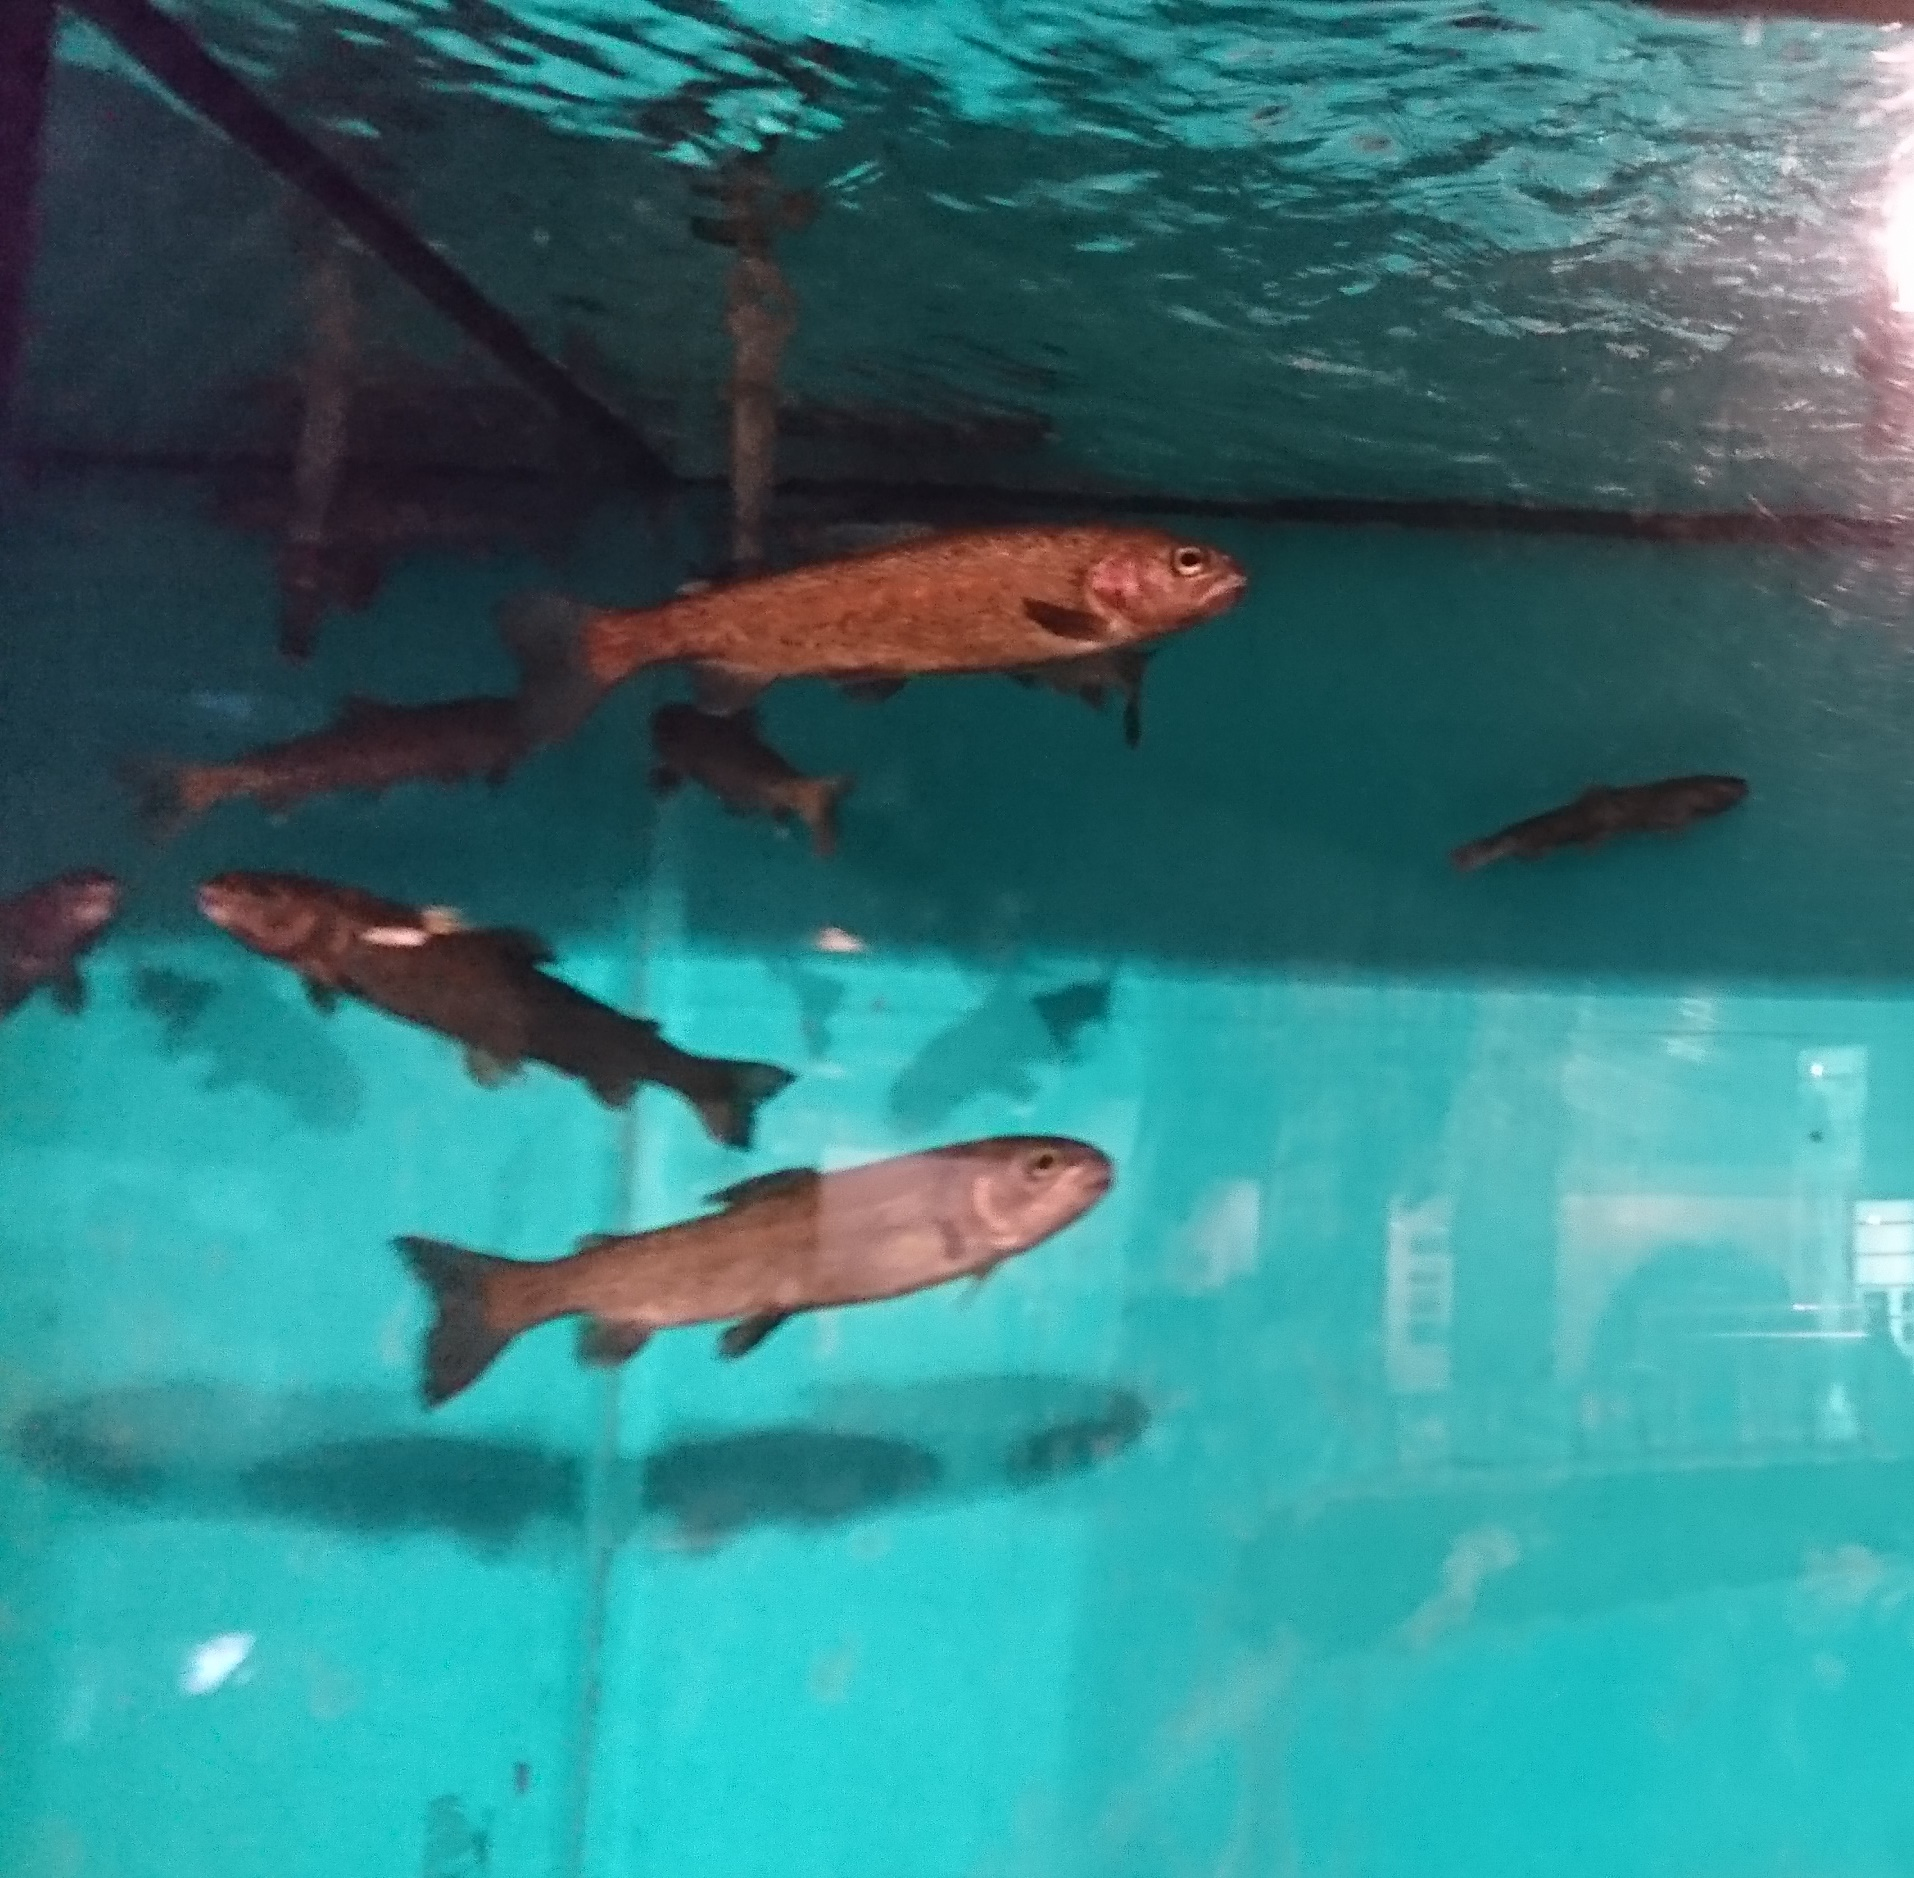 釧路市湿原展望台の展示室